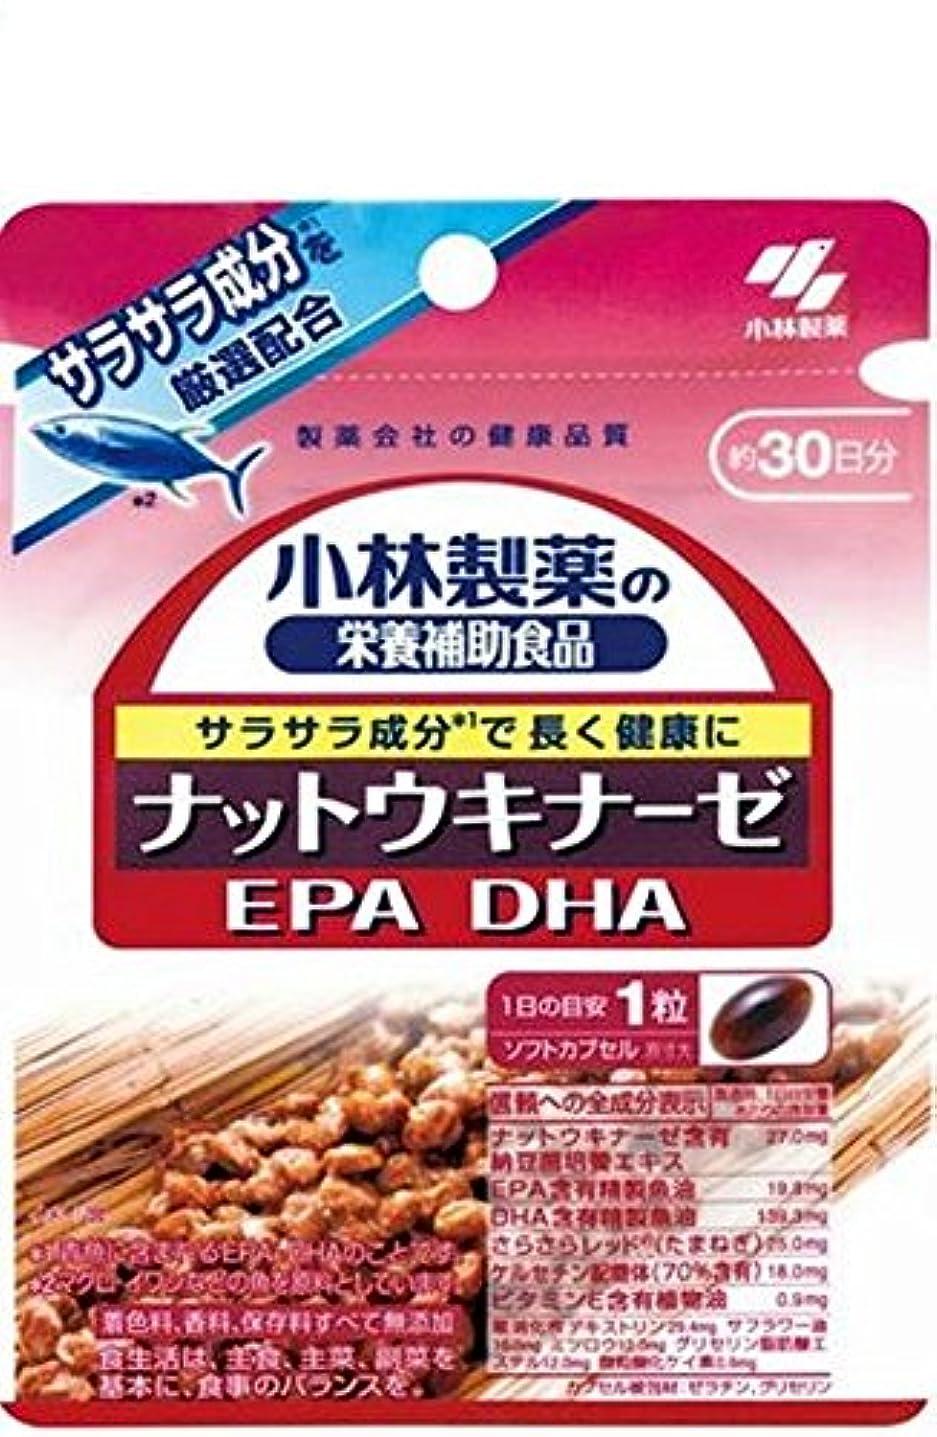 冷蔵庫溶けたひどい小林製薬 小林製薬の栄養補助食品ナットウキナーゼ?DHA?EPA30粒×2